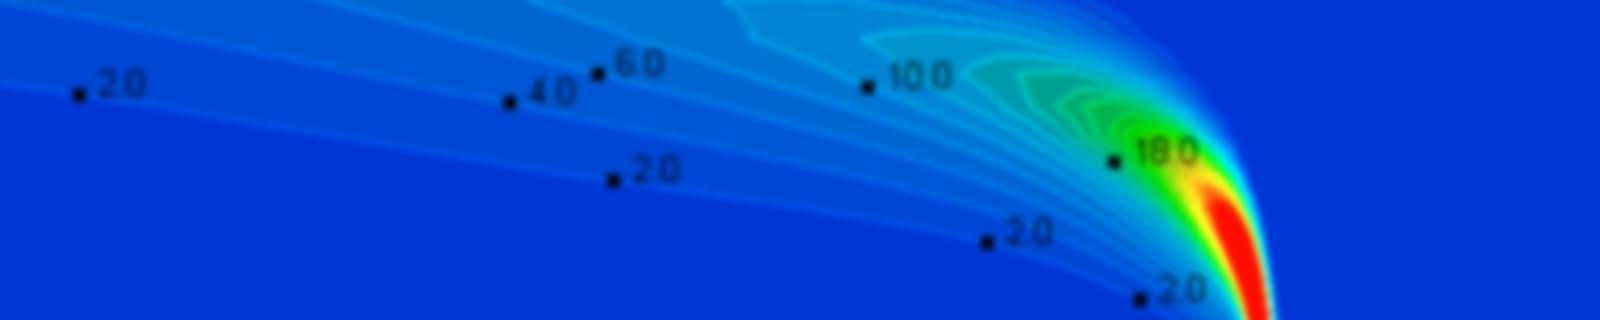 脱臭・VOC対策技術